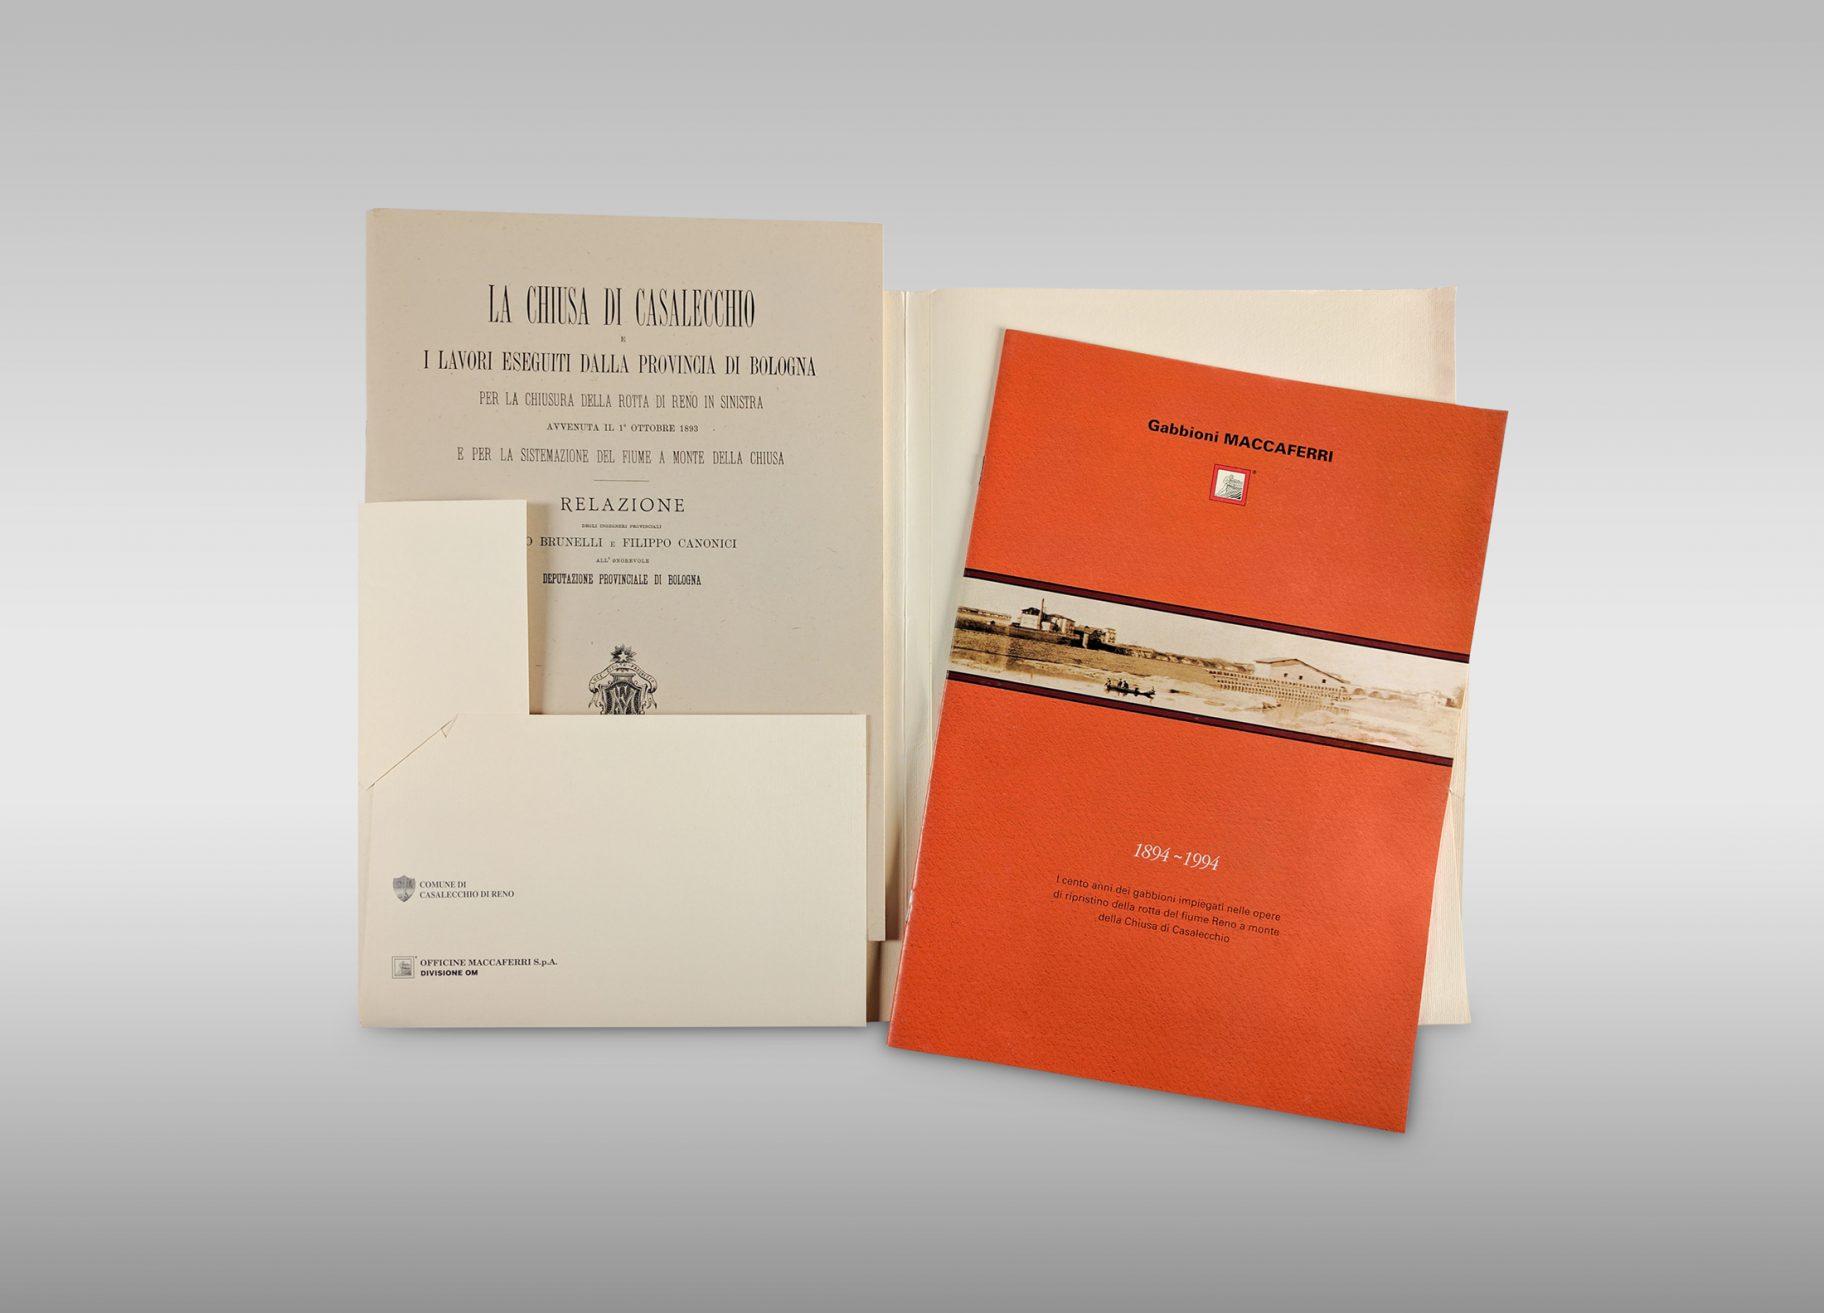 maccaferri-la-chiusa-di-casalecchio-brochure-copiertina